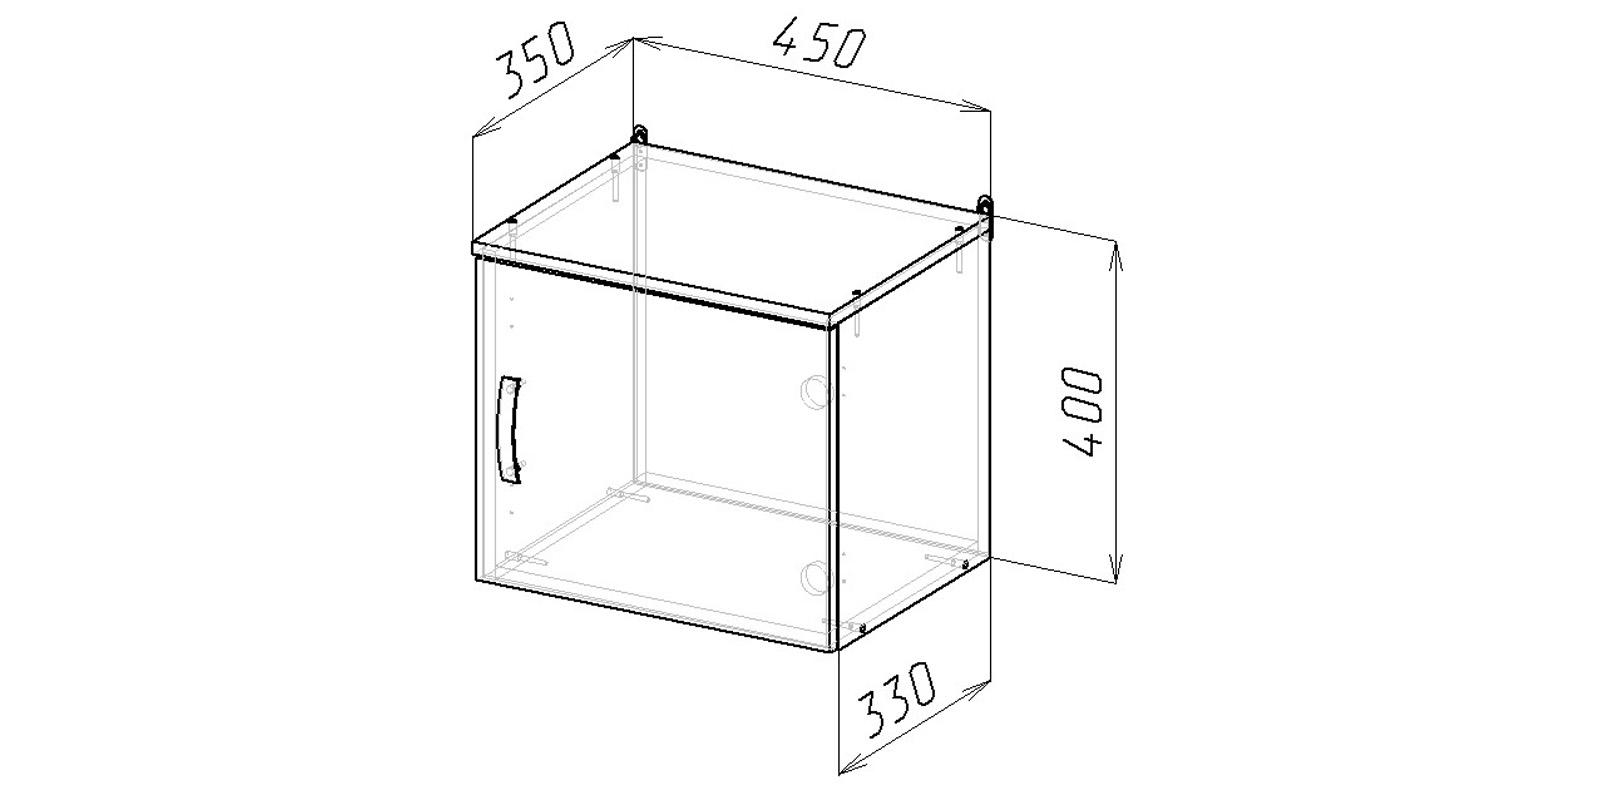 Шкаф навесной Хельга антресоль 45 см (дуб сонома) от HomeMe.ru